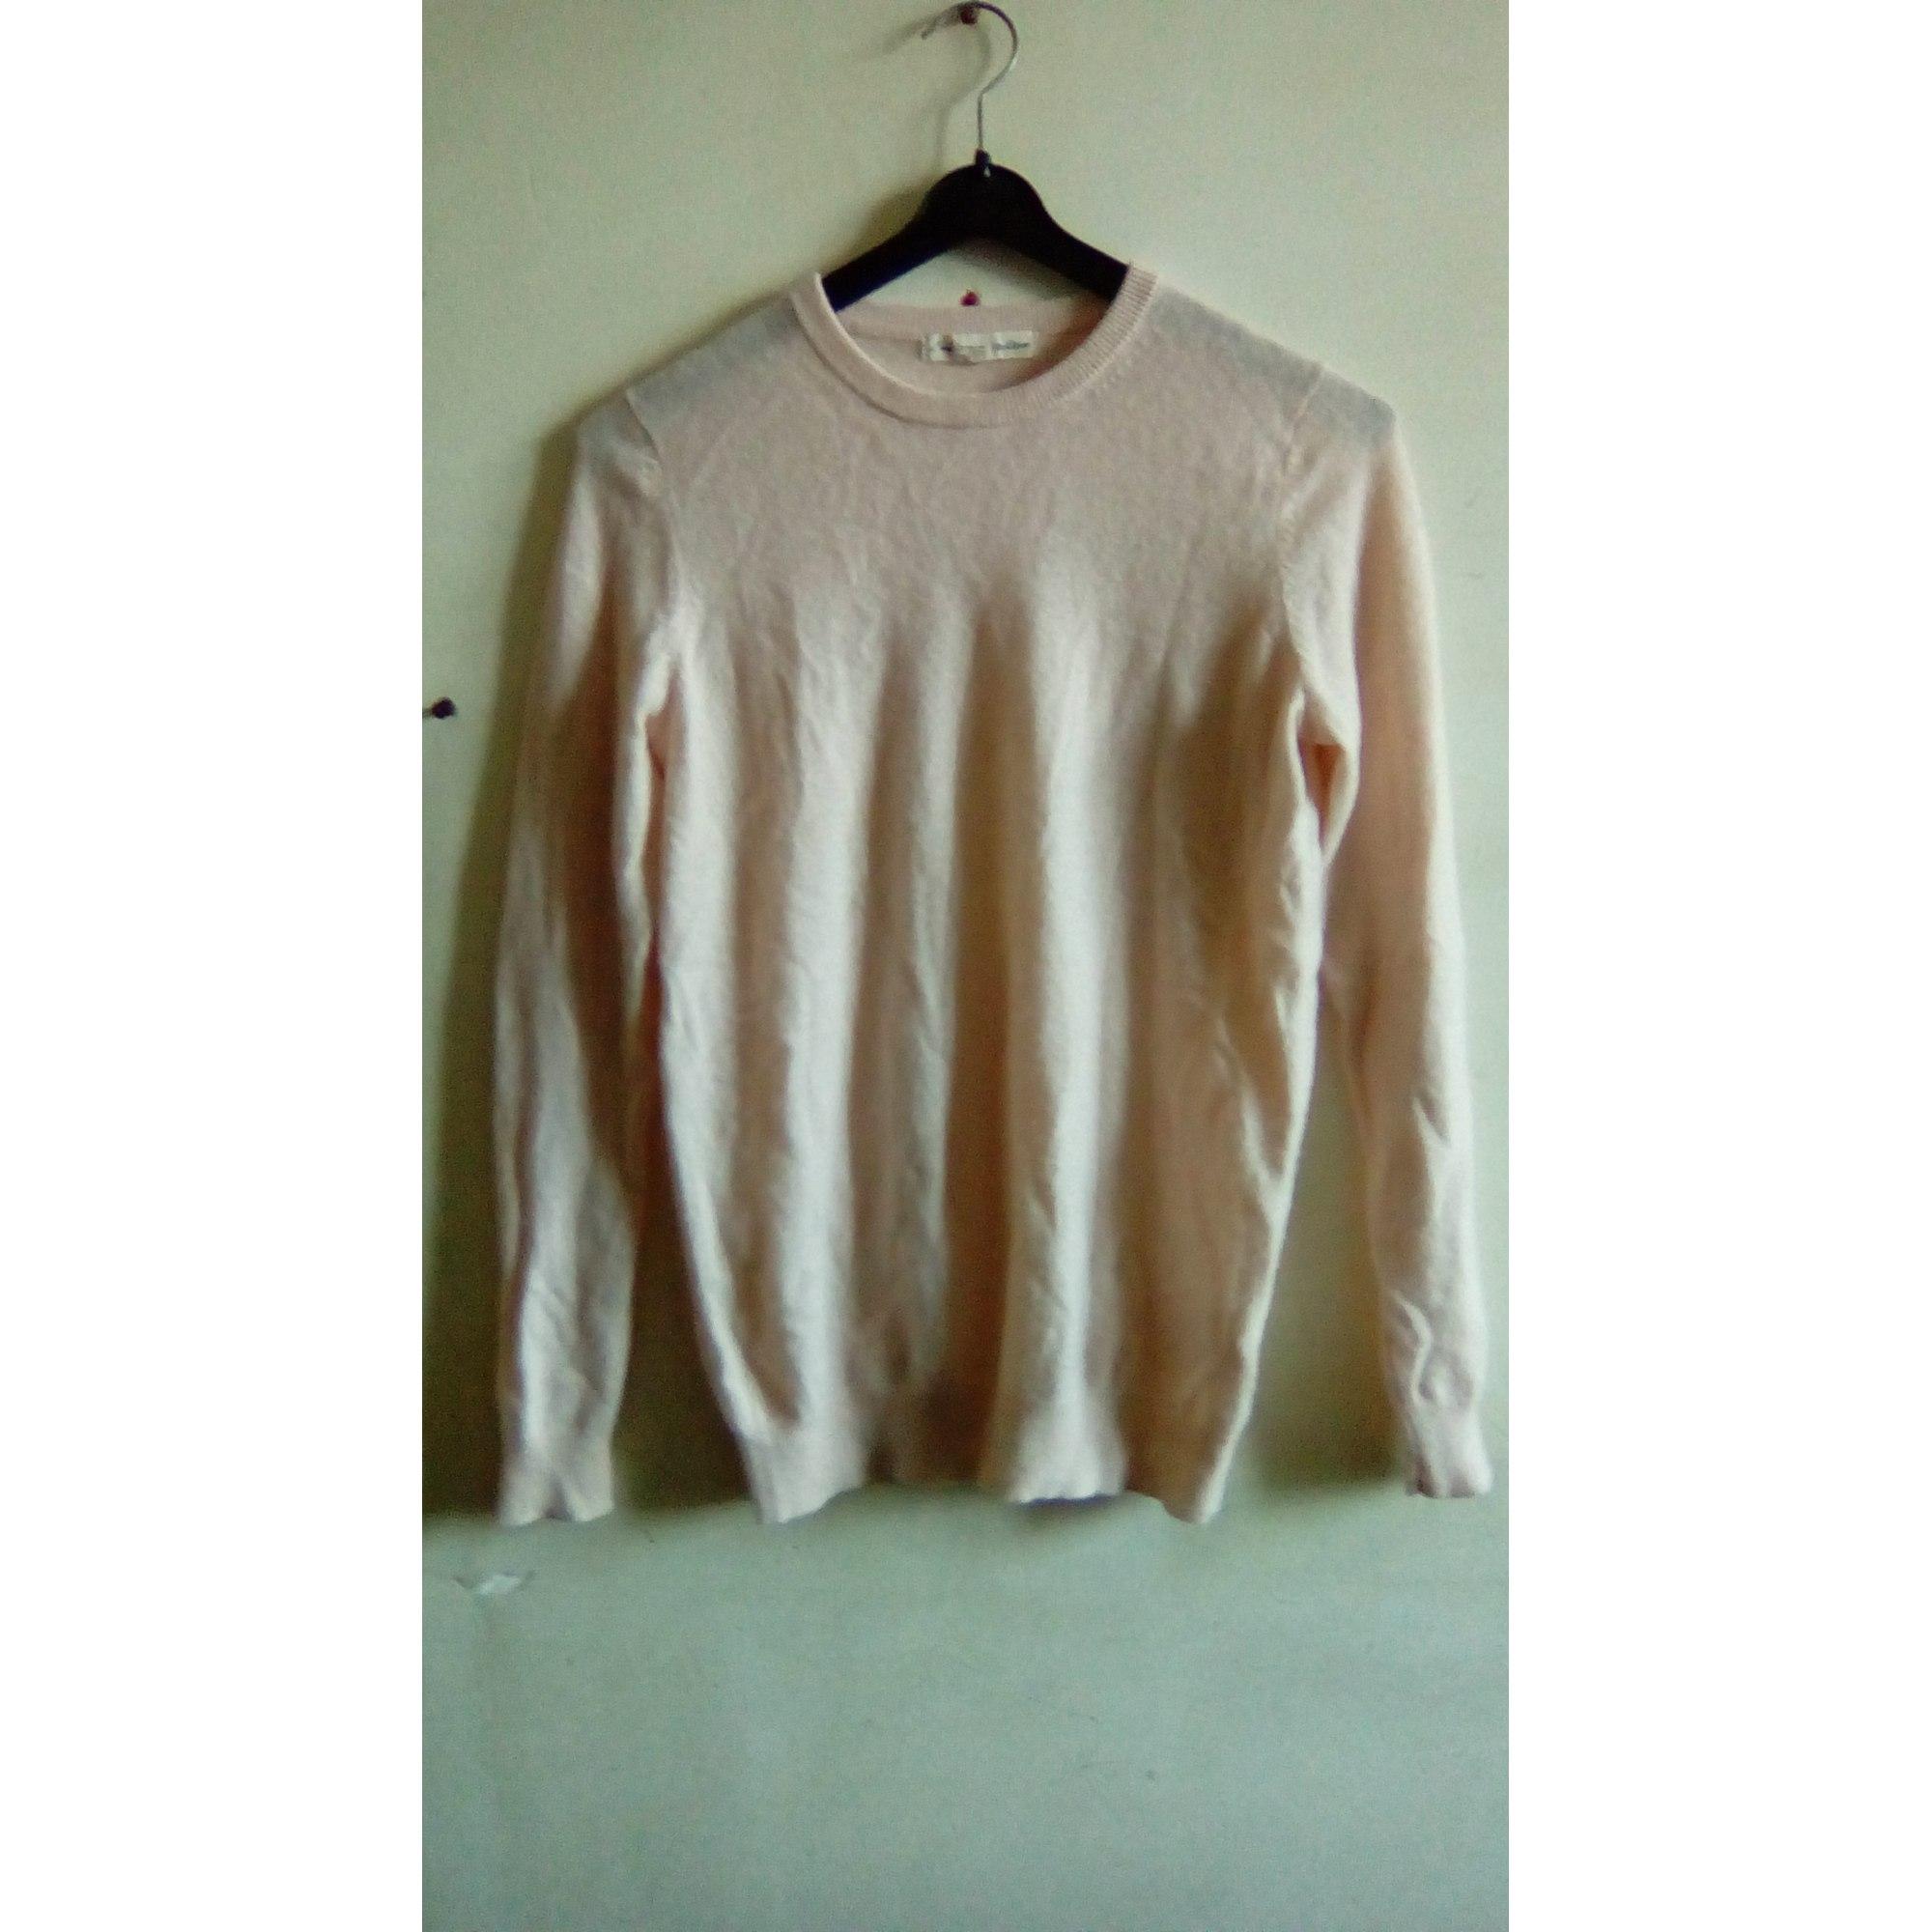 Détails sur Pull Femme Etam Taille 36 T1 S Blanc